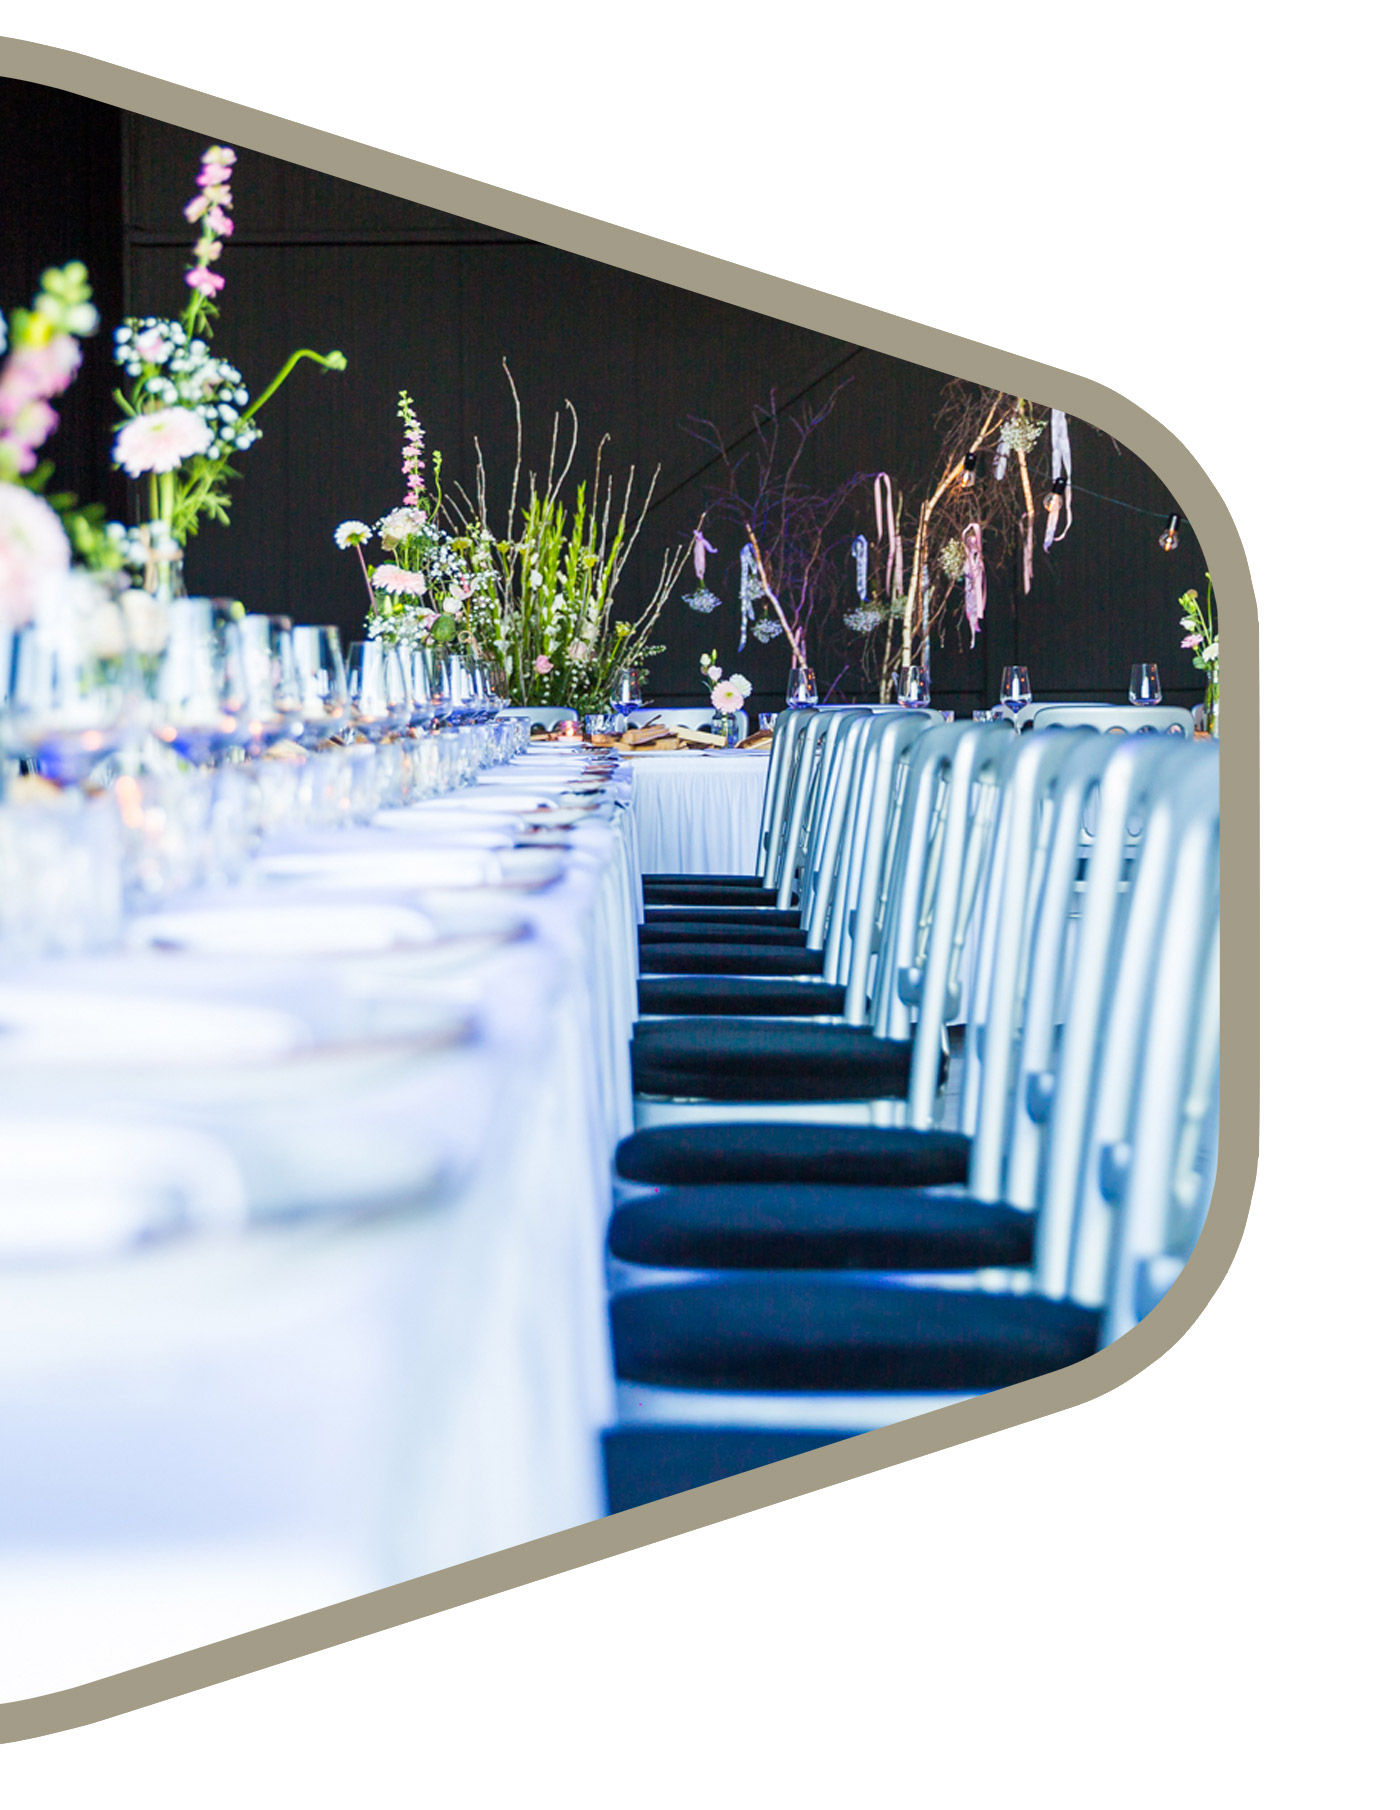 https://dehonneurs.nl/wp-content/uploads/2018/01/de-honneurs-catering-bruiloft-004.jpg